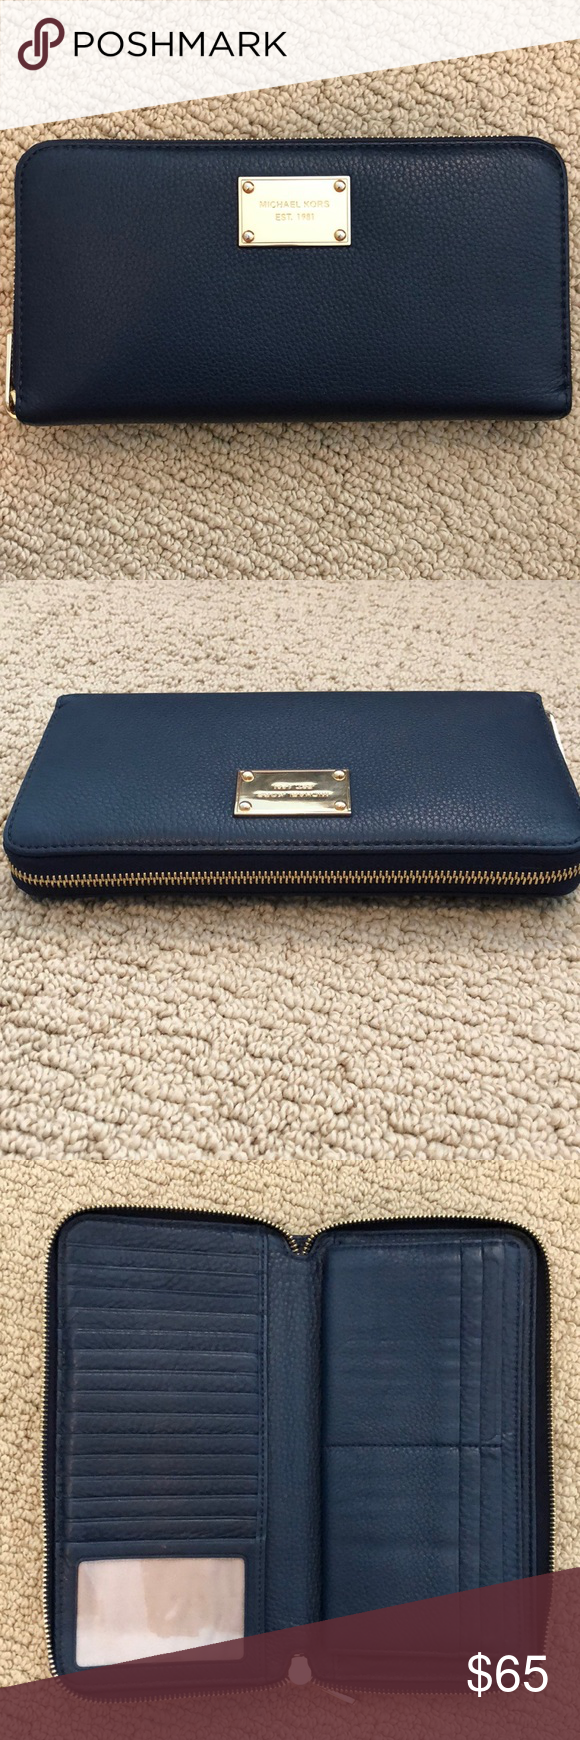 """ac13645f38de Michael Kors Navy Blue Clutch/Wallet Very gently used. 4.5"""" x 9"""" navy blue clutch  wallet. Gold MK plate with gold zipper. Fits phone and passport."""